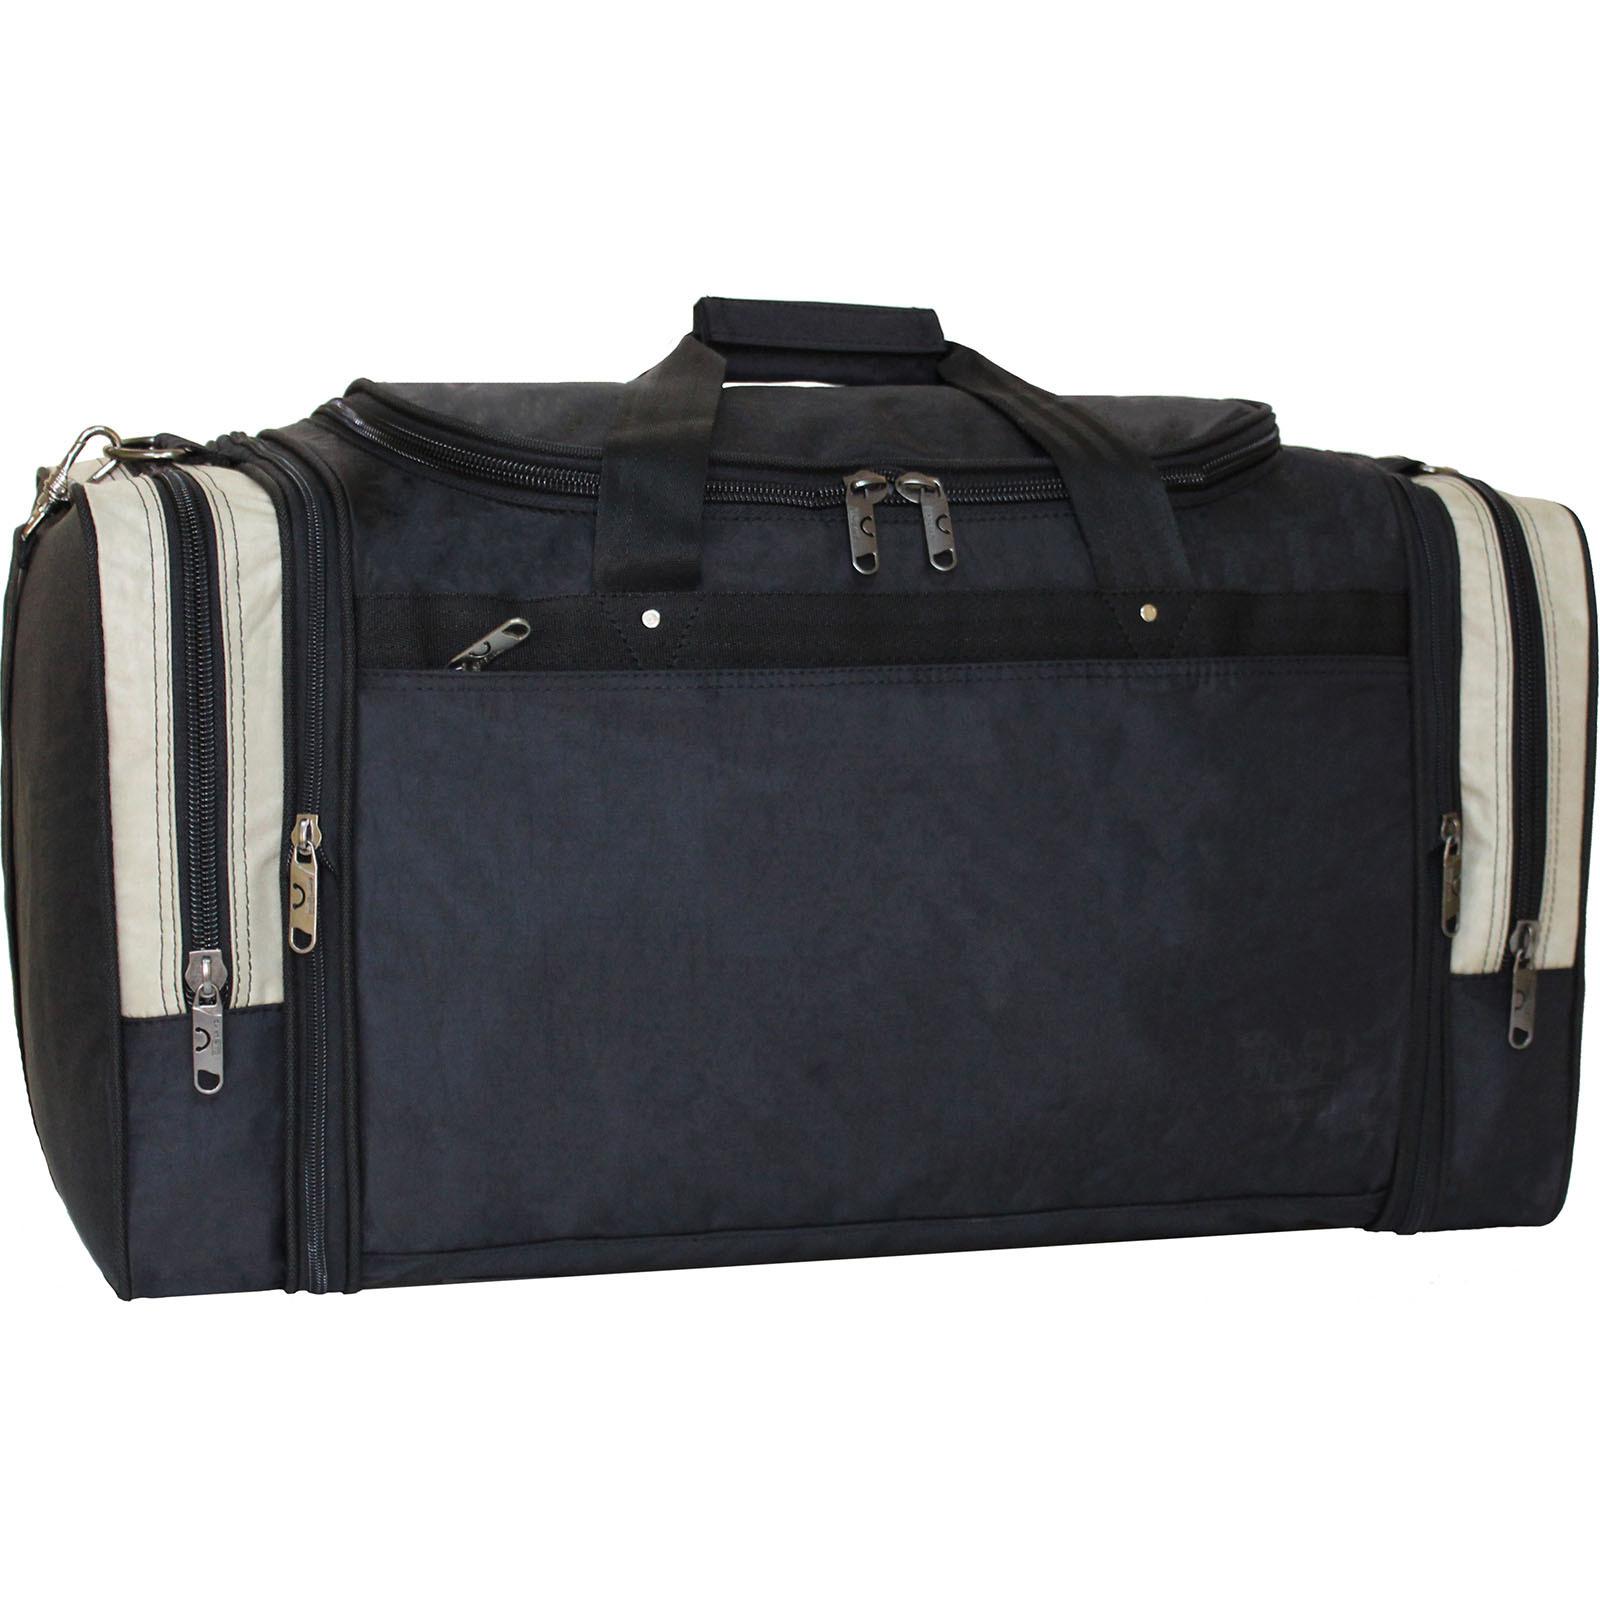 Дорожные сумки Спортивная сумка Bagland Мюнхен 59 л. Черный/оливка (0032570) IMG_1229_32570_.JPG